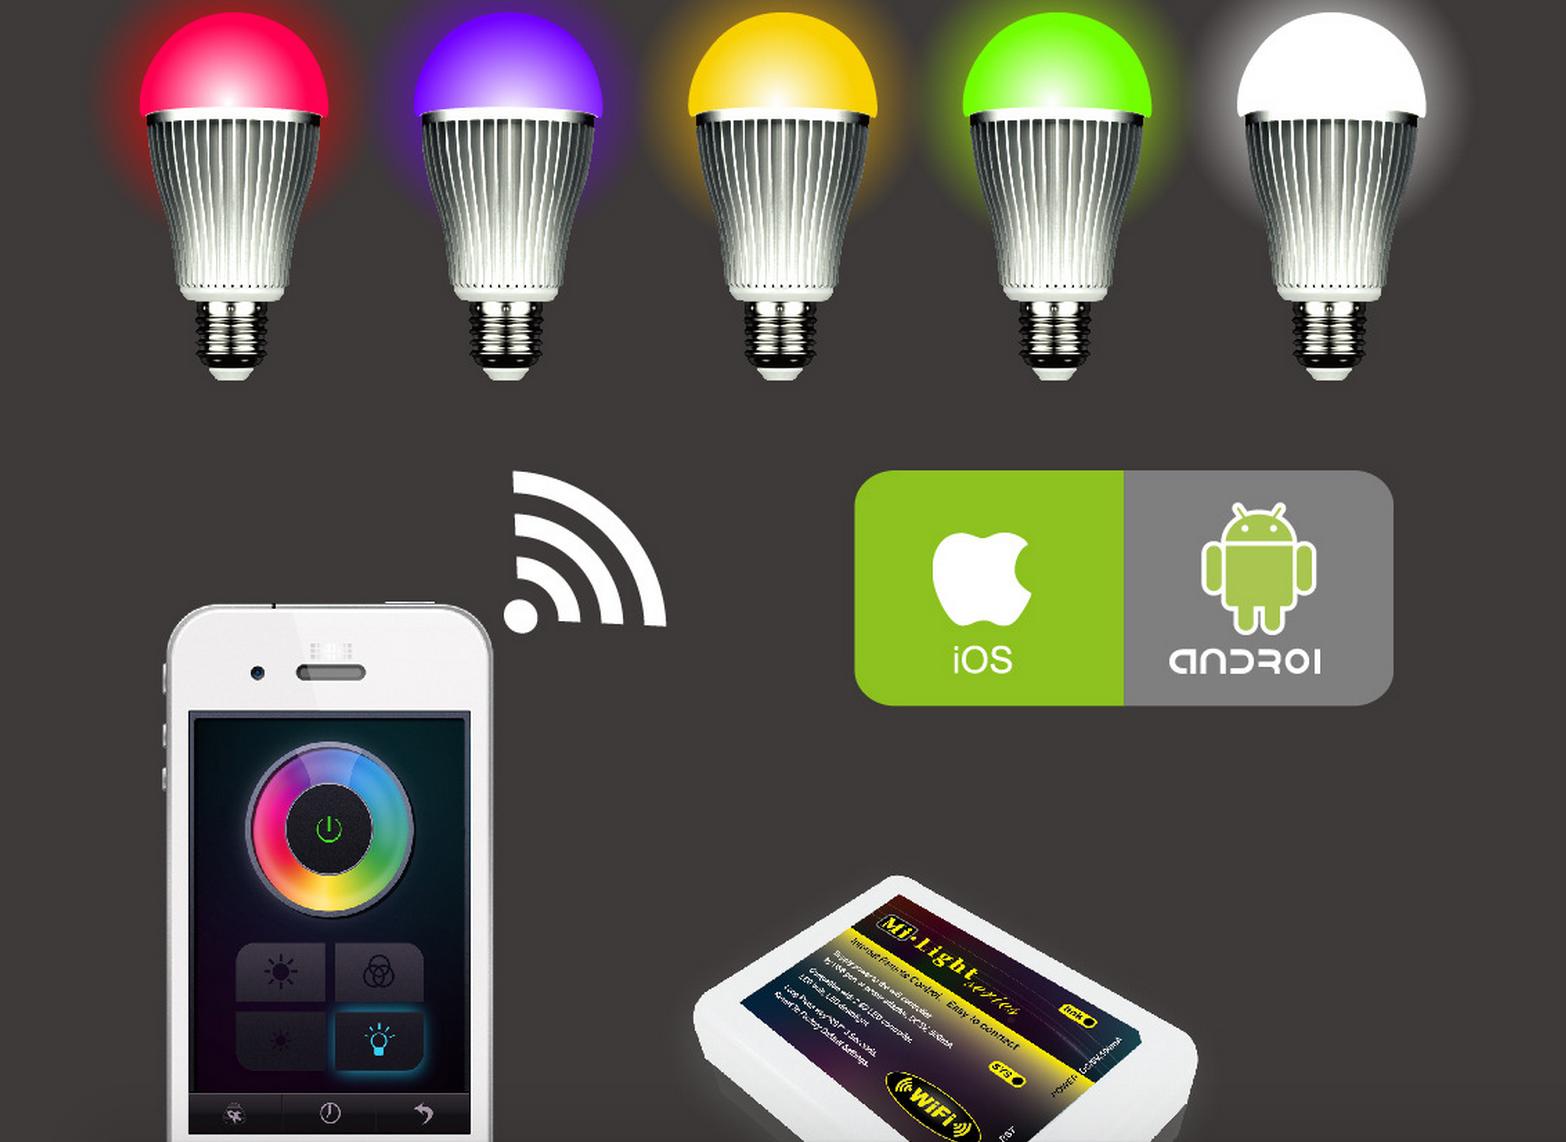 WiFi_wireless_control_9W_RGBW_LED_bulb_with_WiFi_controller